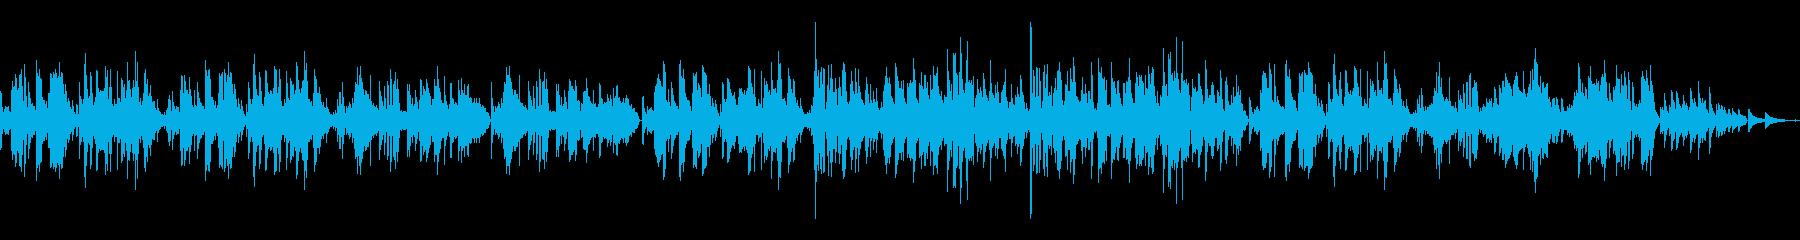 穏やかなピアノソナタです。の再生済みの波形